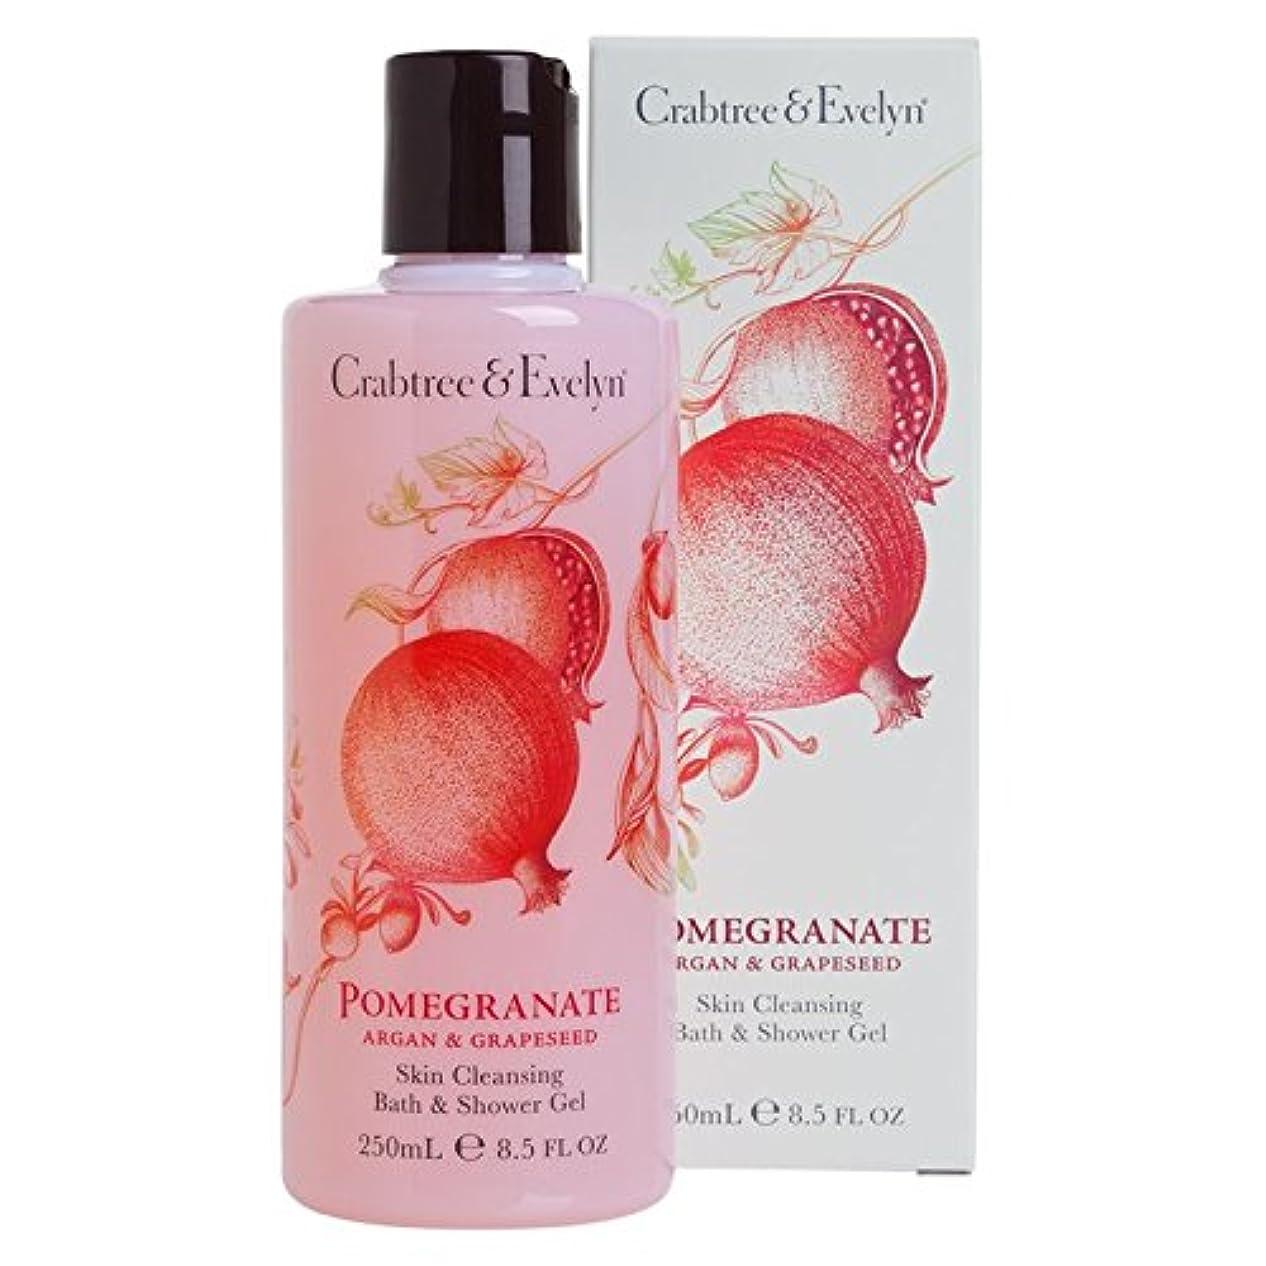 一方、戦う静けさクラブツリー&イヴリンザクロの皮バス&シャワージェル250ミリリットルクレンジング (Crabtree & Evelyn) (x2) - Crabtree & Evelyn Pomegranate Skin Cleansing Bath & Shower Gel 250ml (Pack of 2) [並行輸入品]